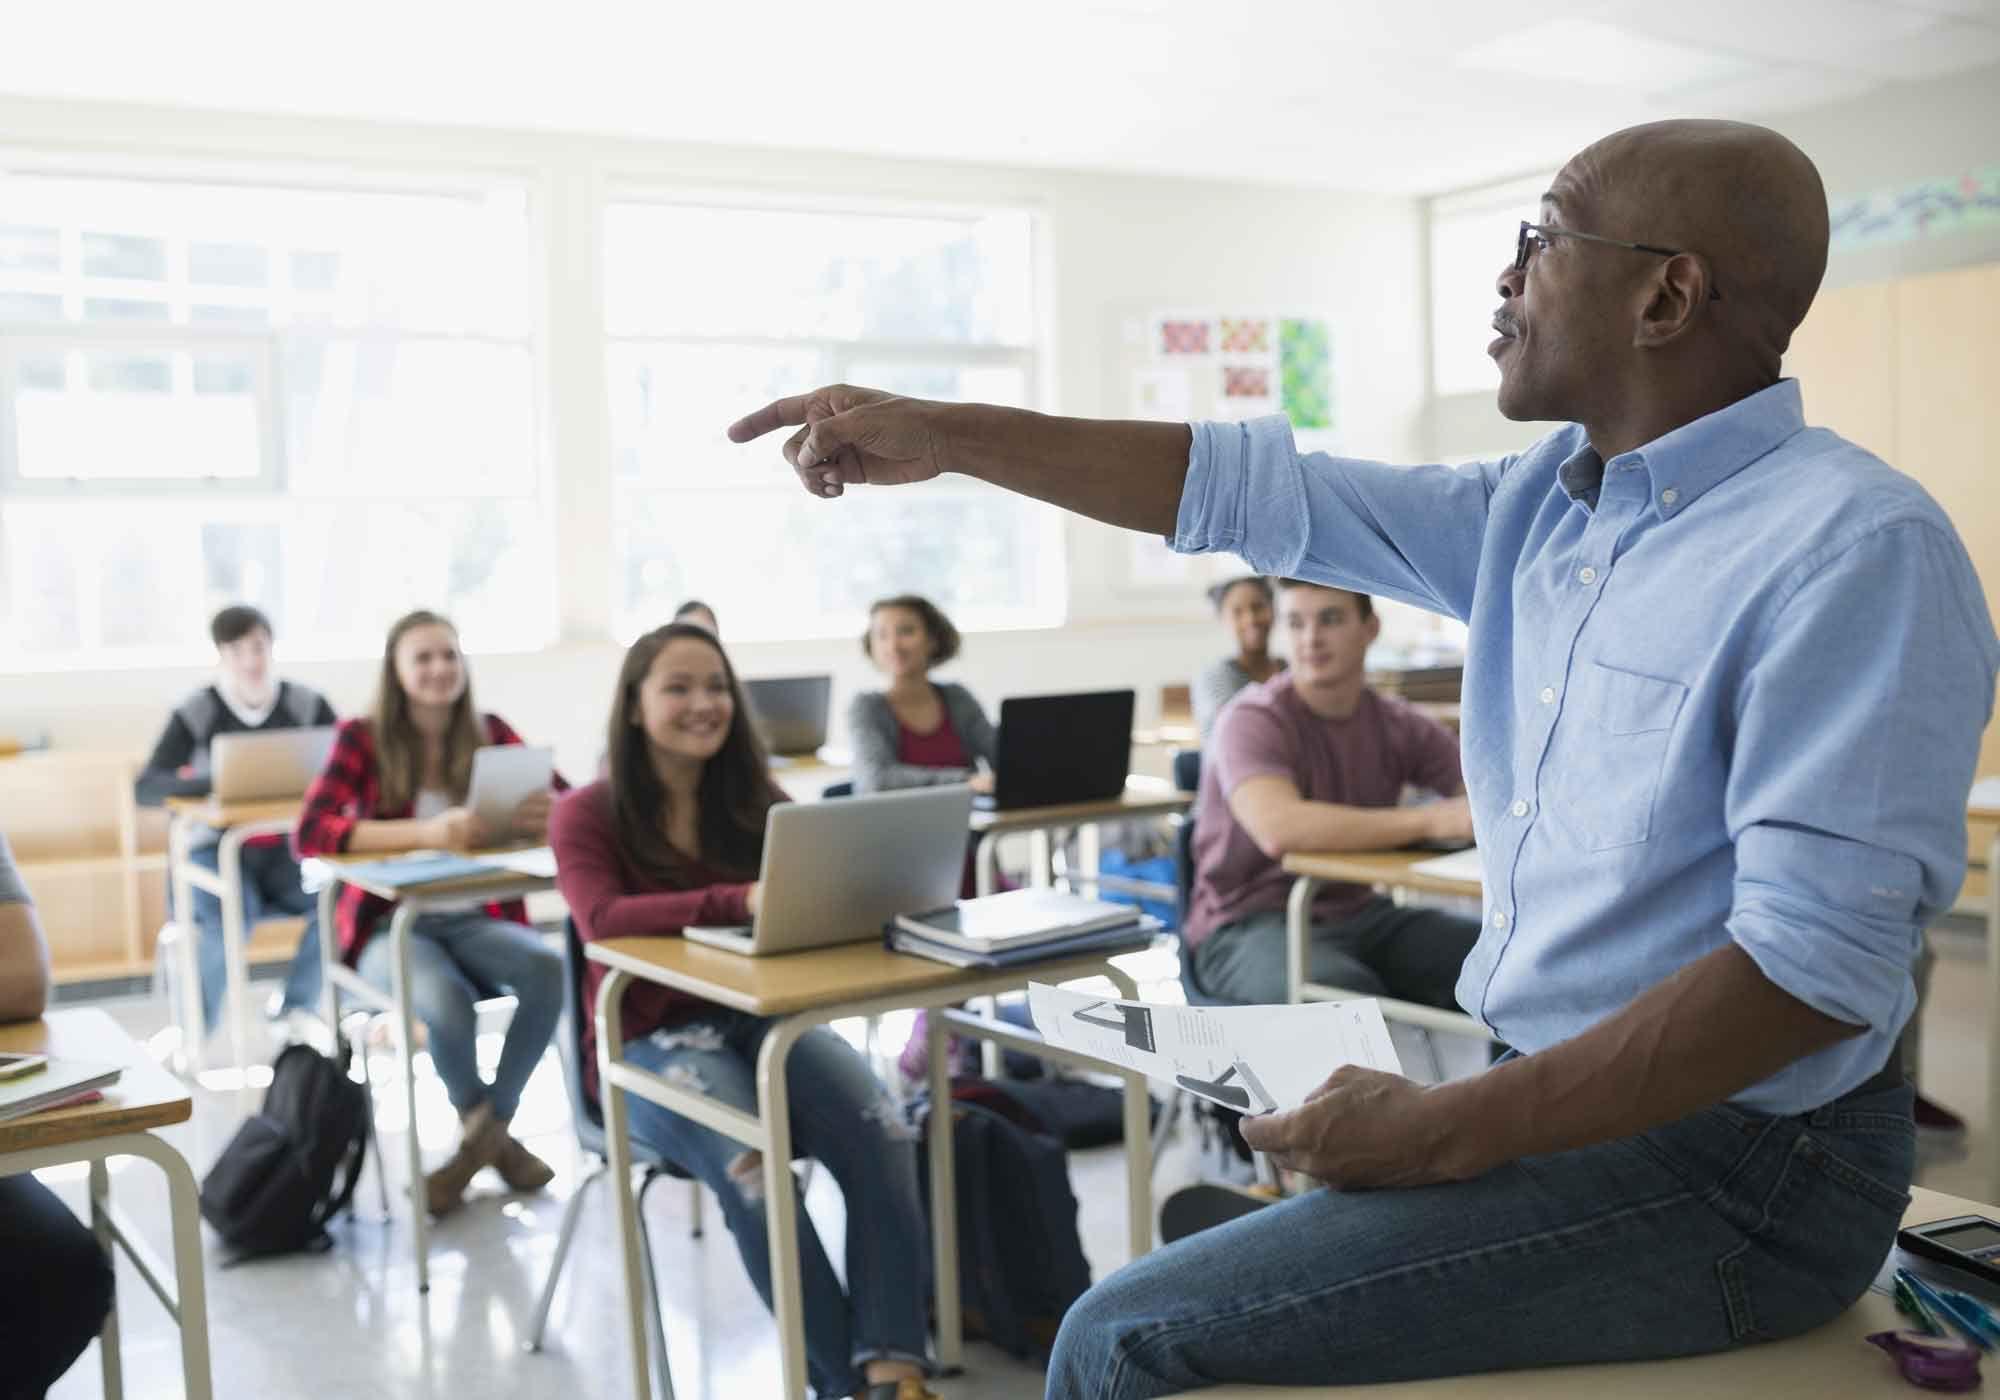 A teacher calls on a student